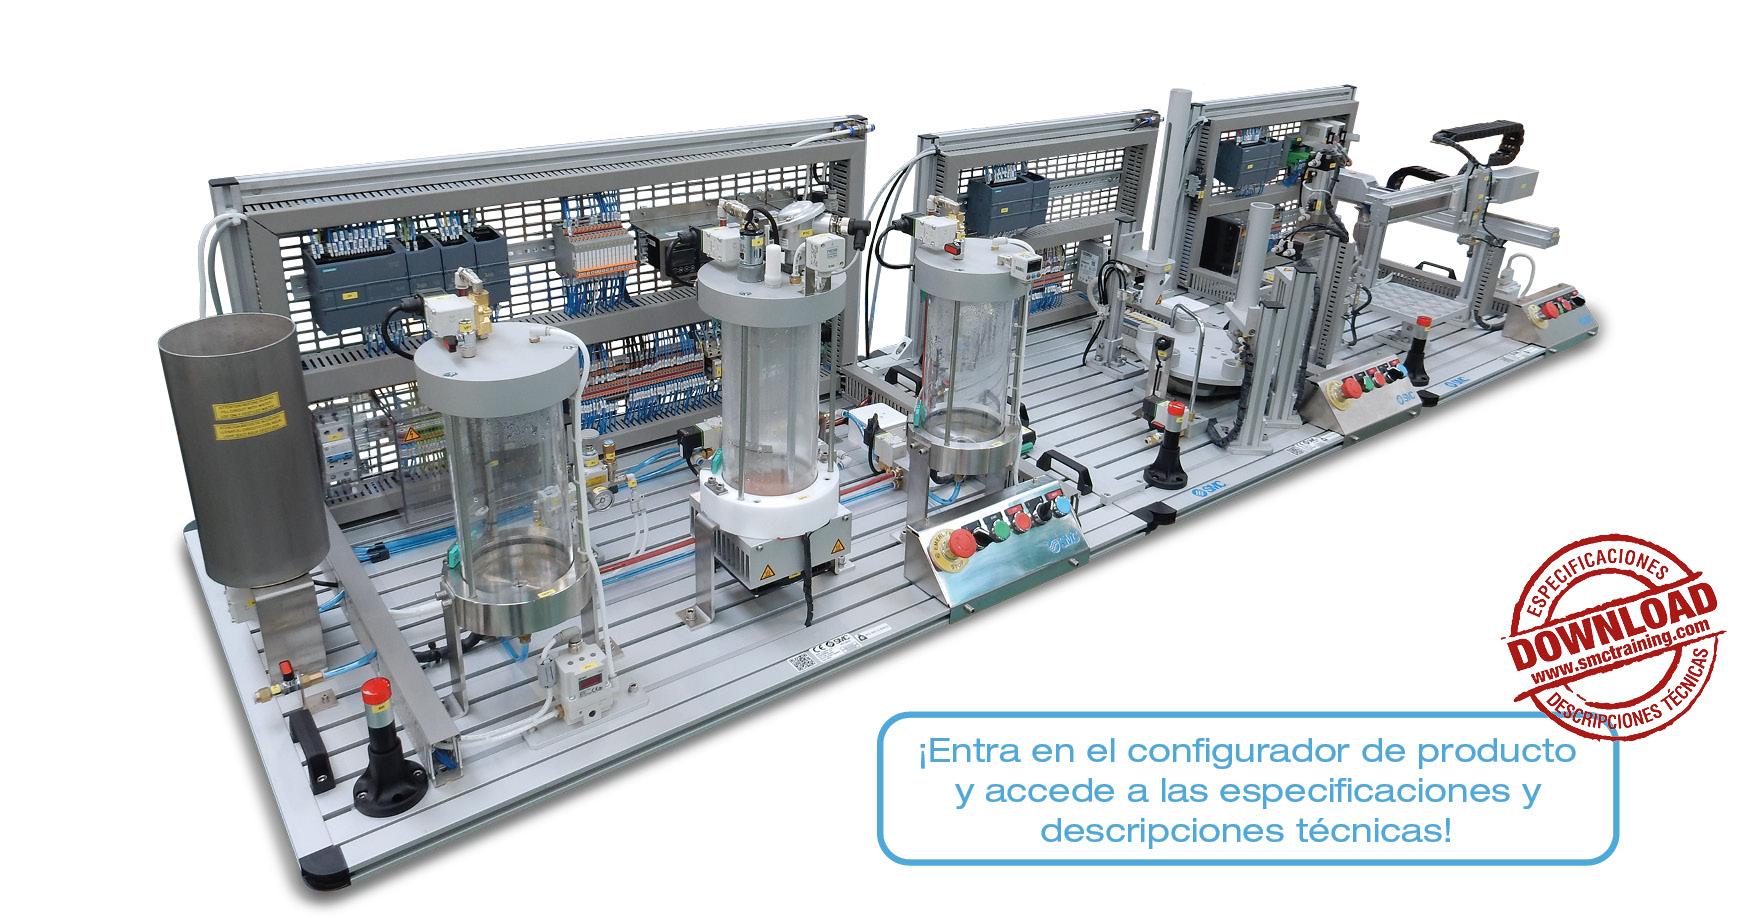 IPC-200 - Un completo sistema de entrenamiento, modular y flexible, en el campo del Control de Procesos Industriales.